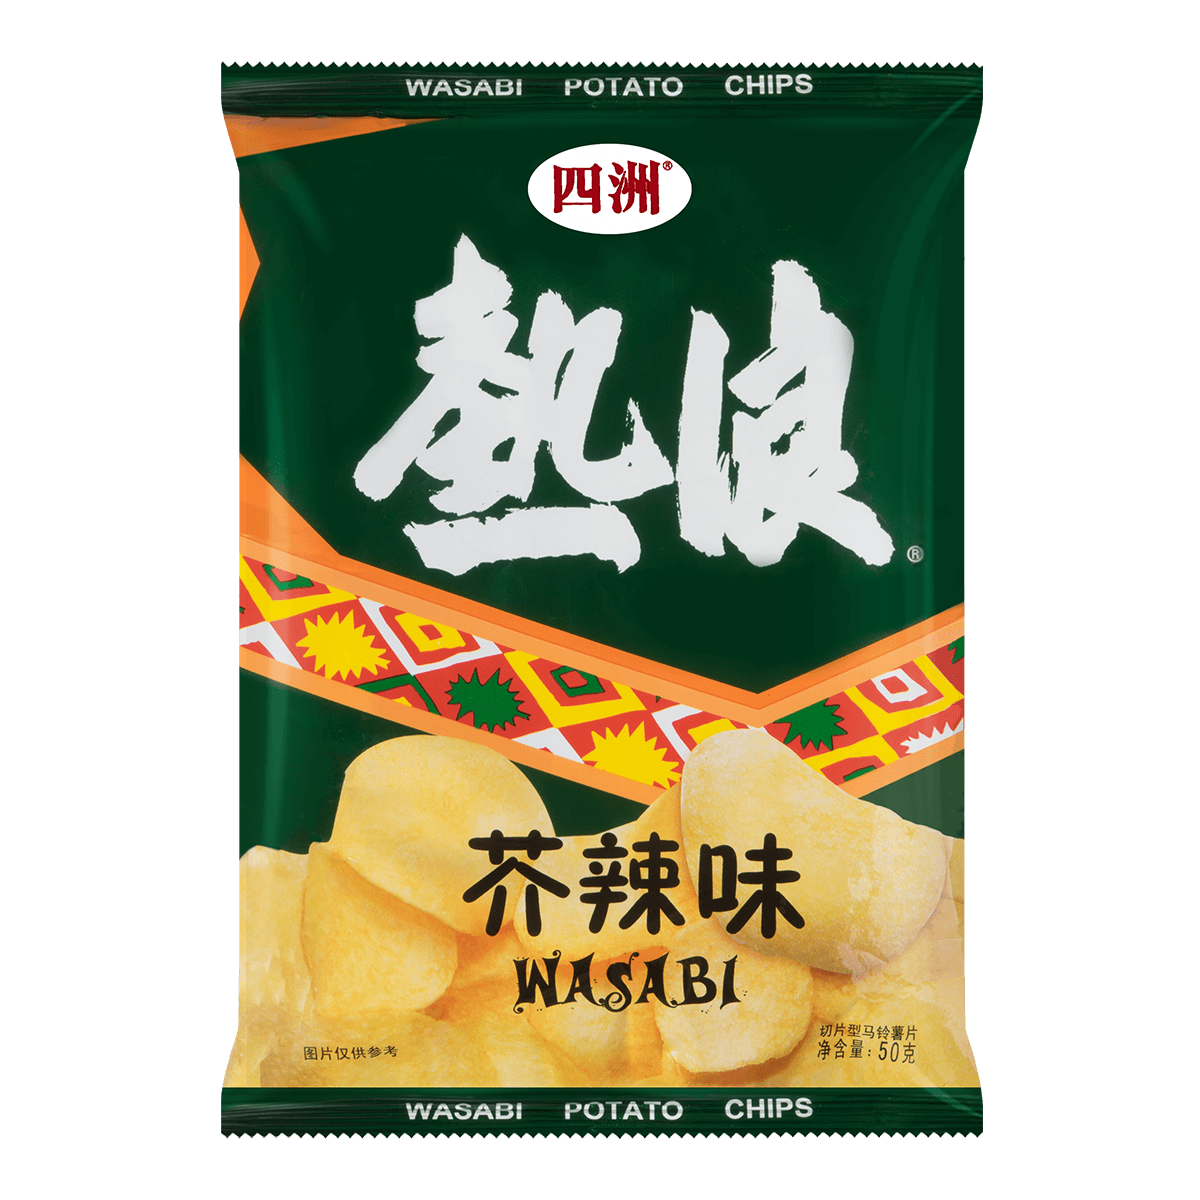 四洲 热浪薯片 芥辣味 50g